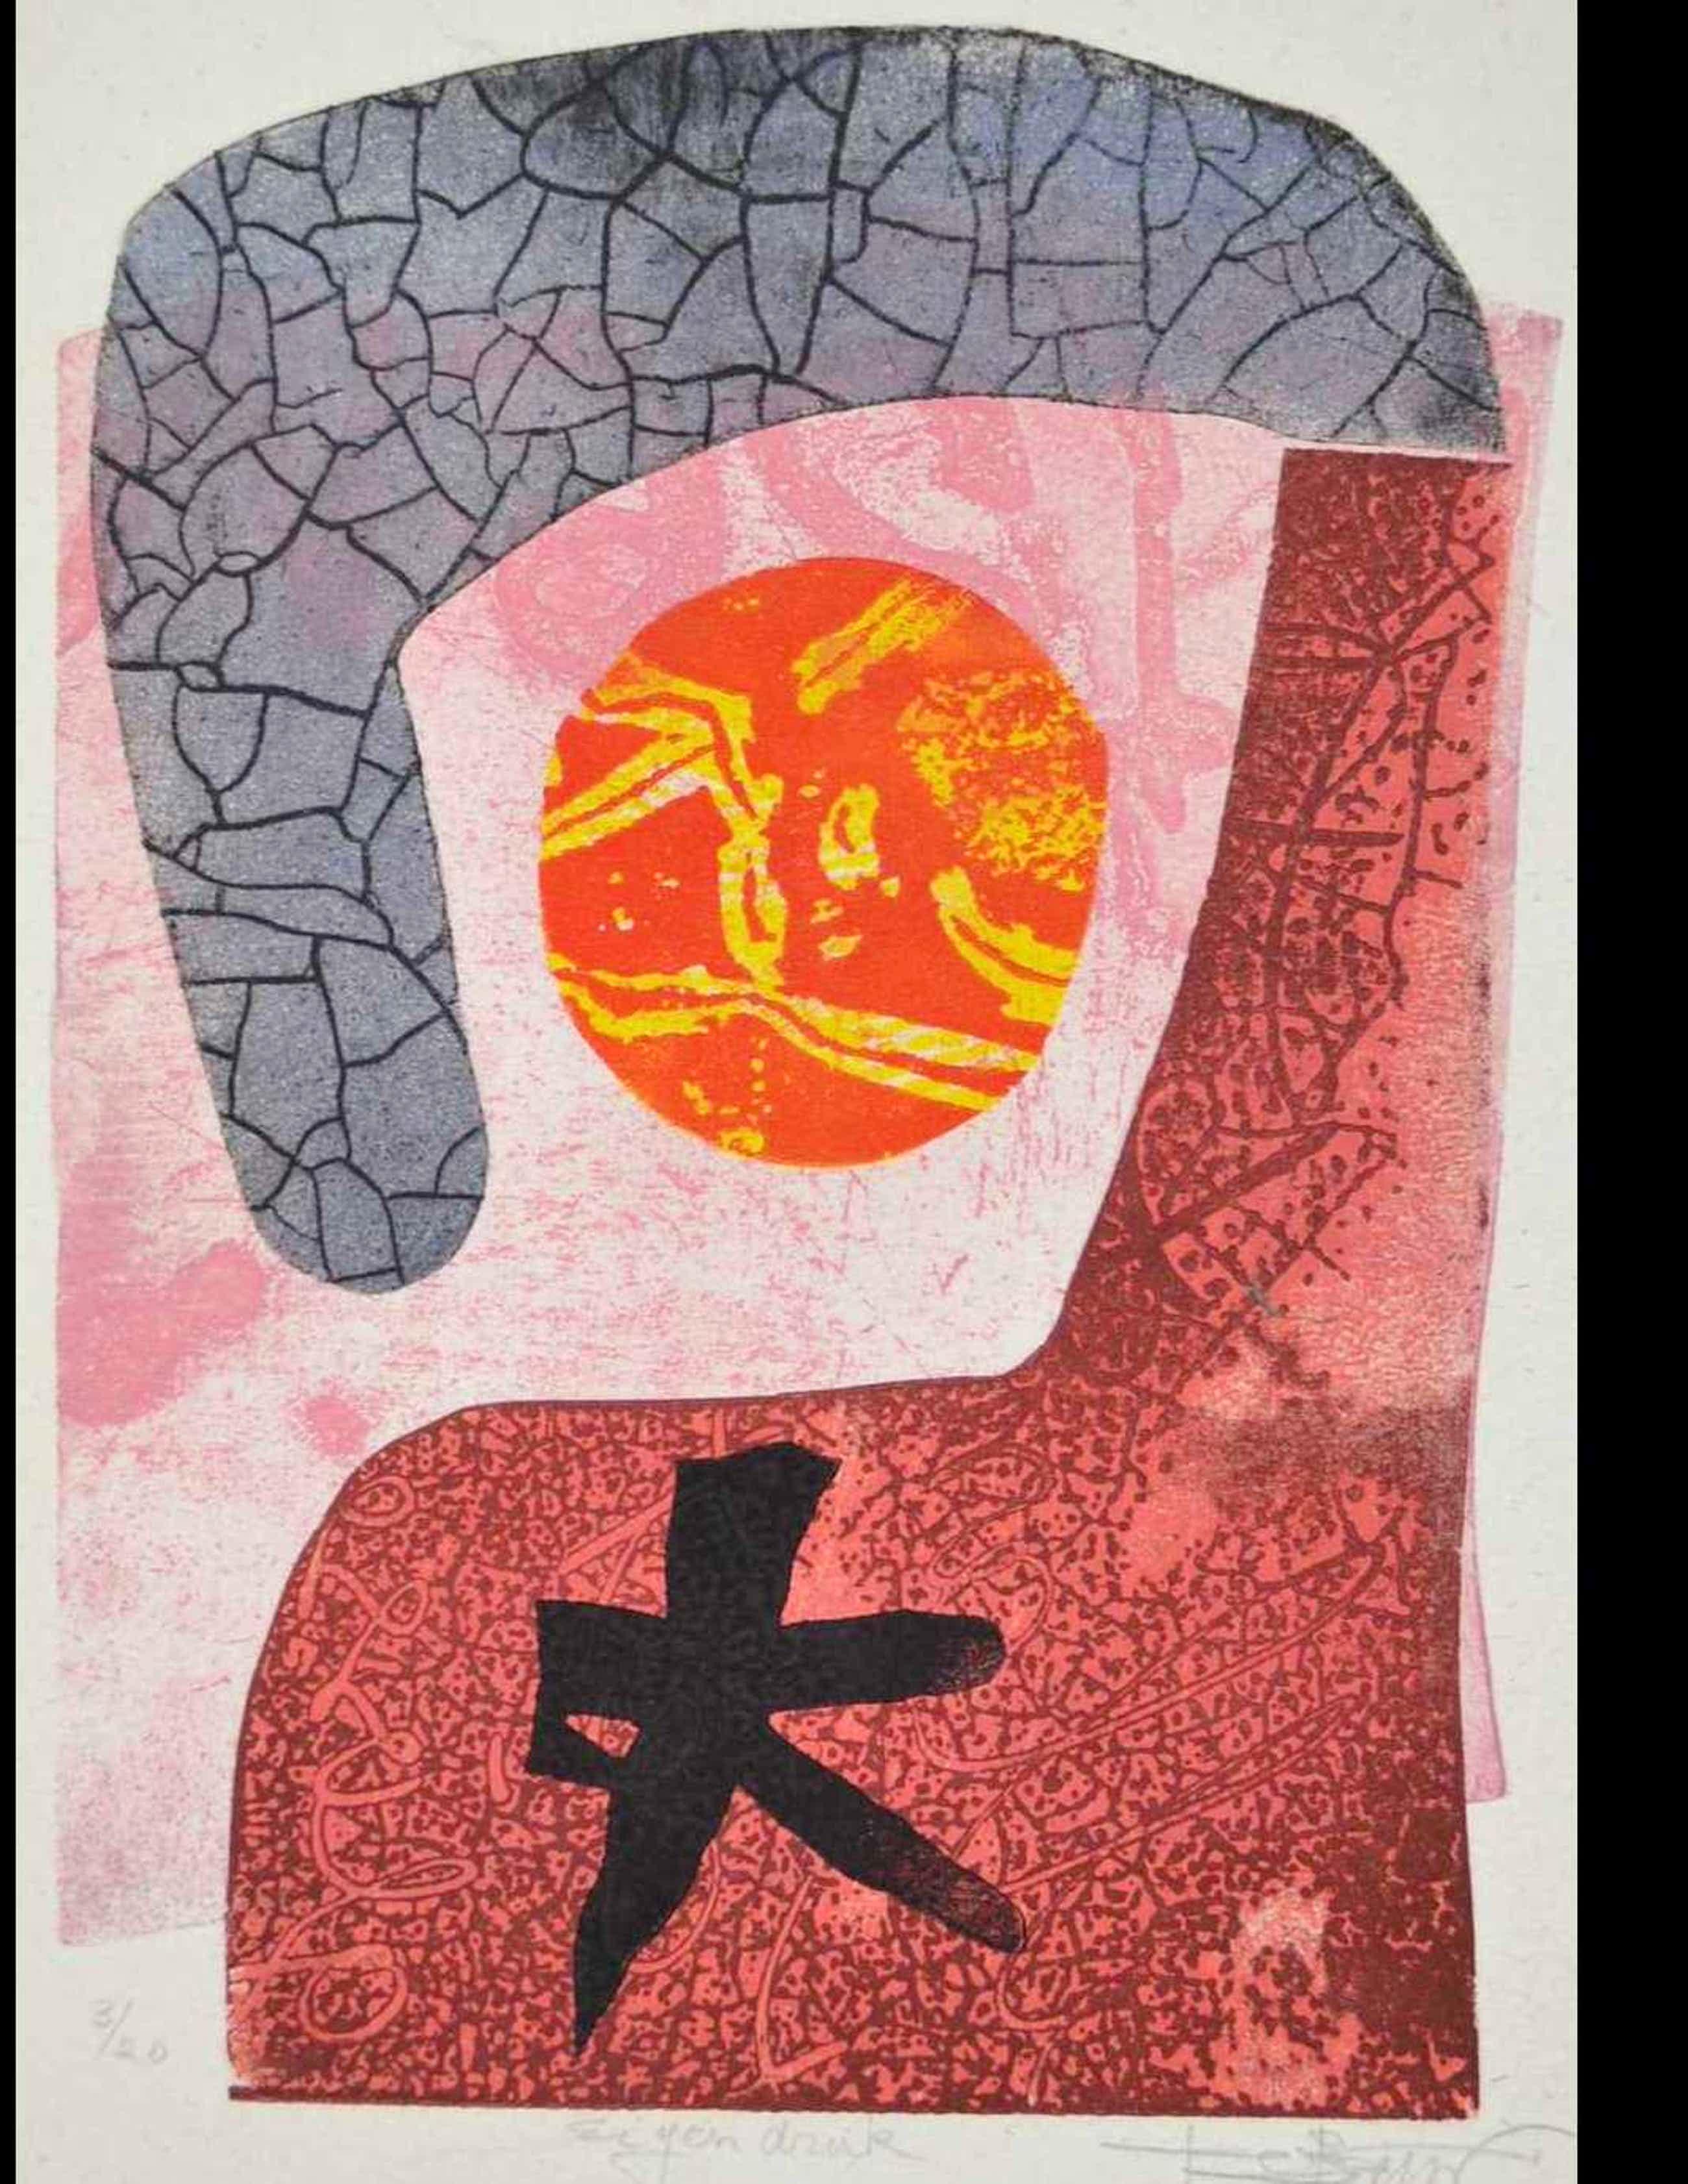 Koos van der Sluys - ets, abstract kopen? Bied vanaf 35!